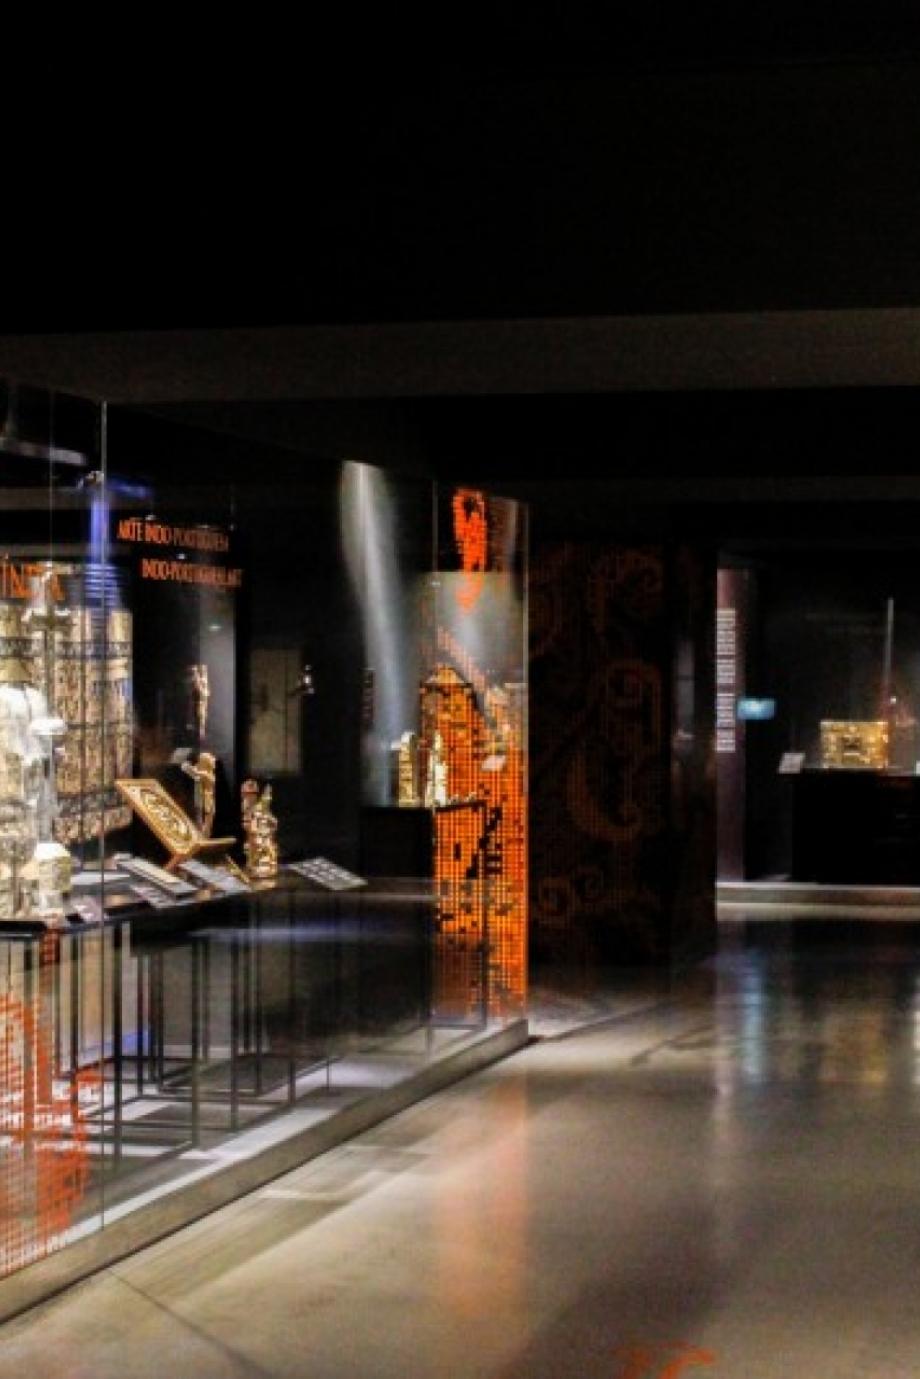 LisboaCool_Blog_Artes performativas asiáticas em destaque no Museu do Oriente